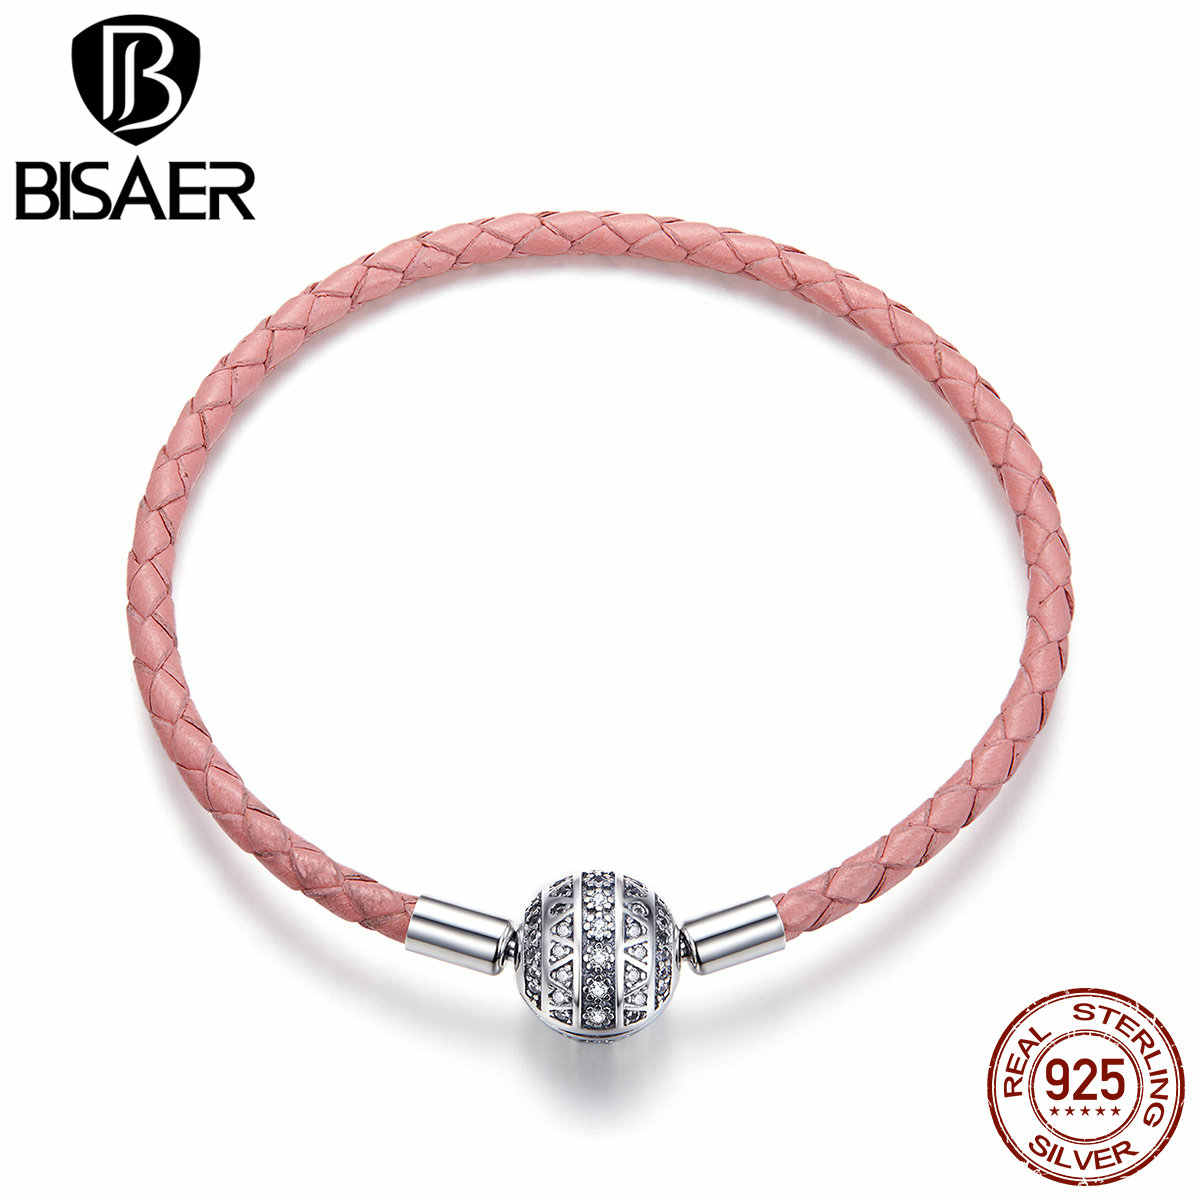 BISAER prawdziwe 925 srebro różowy sznureczek skórzane bransoletki dla kobiet wyczyść CZ okrągłe zapięcie bransoletki z rzemykami biżuteria srebrna ECB114